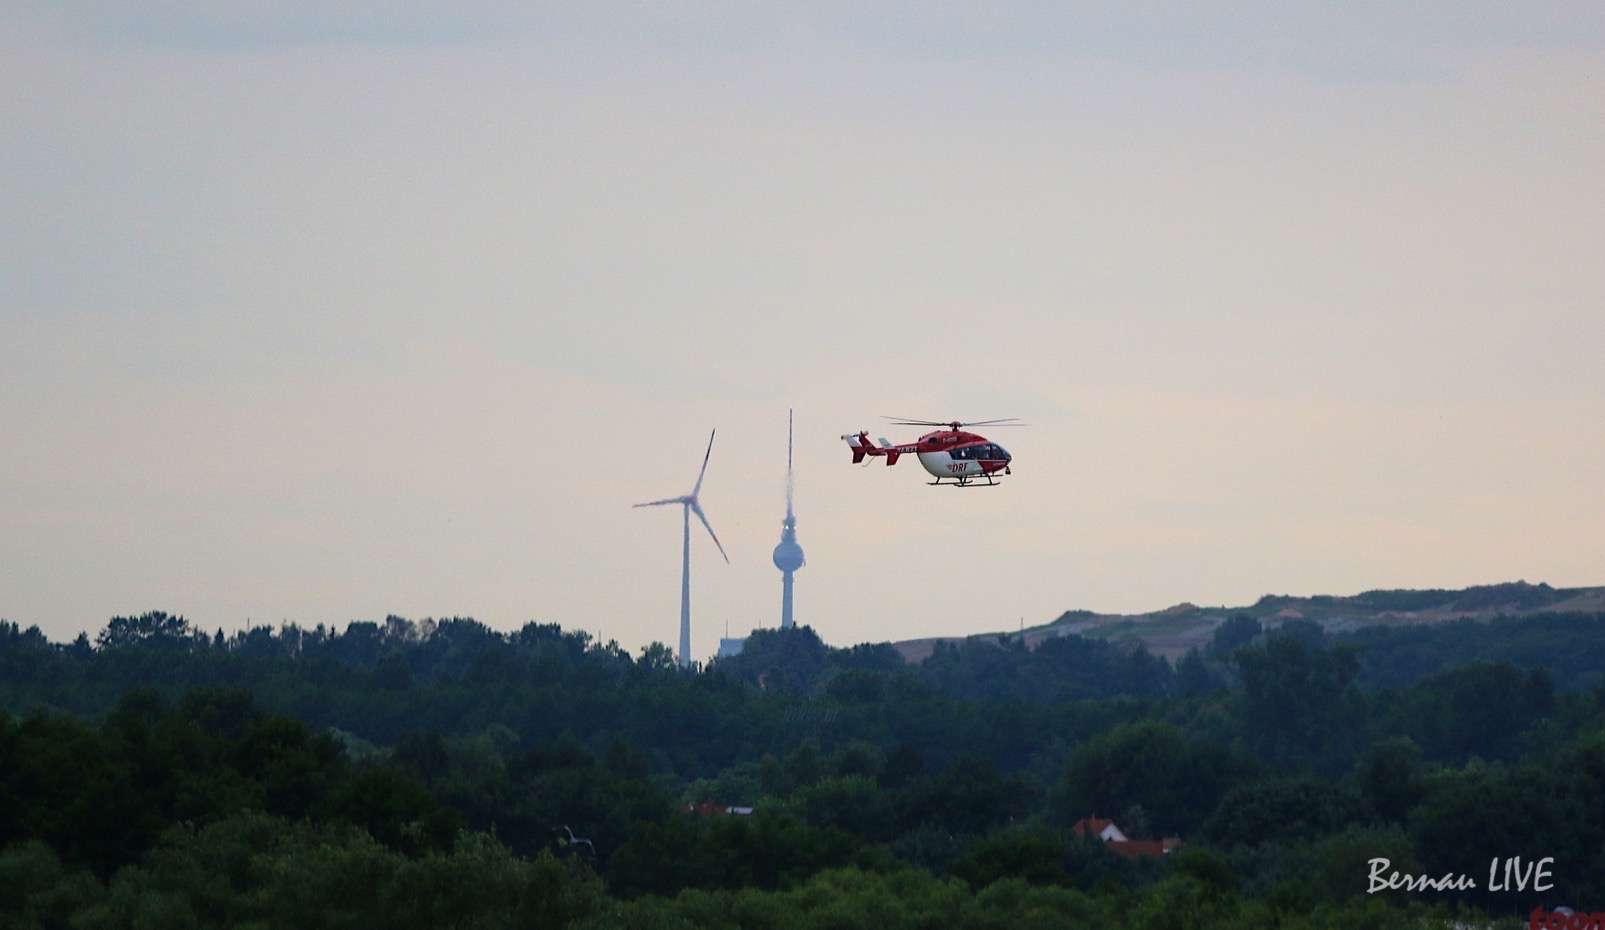 Bernau, Verkehrsunfall, Christoph Berlin, Feuerwehr, Polizei